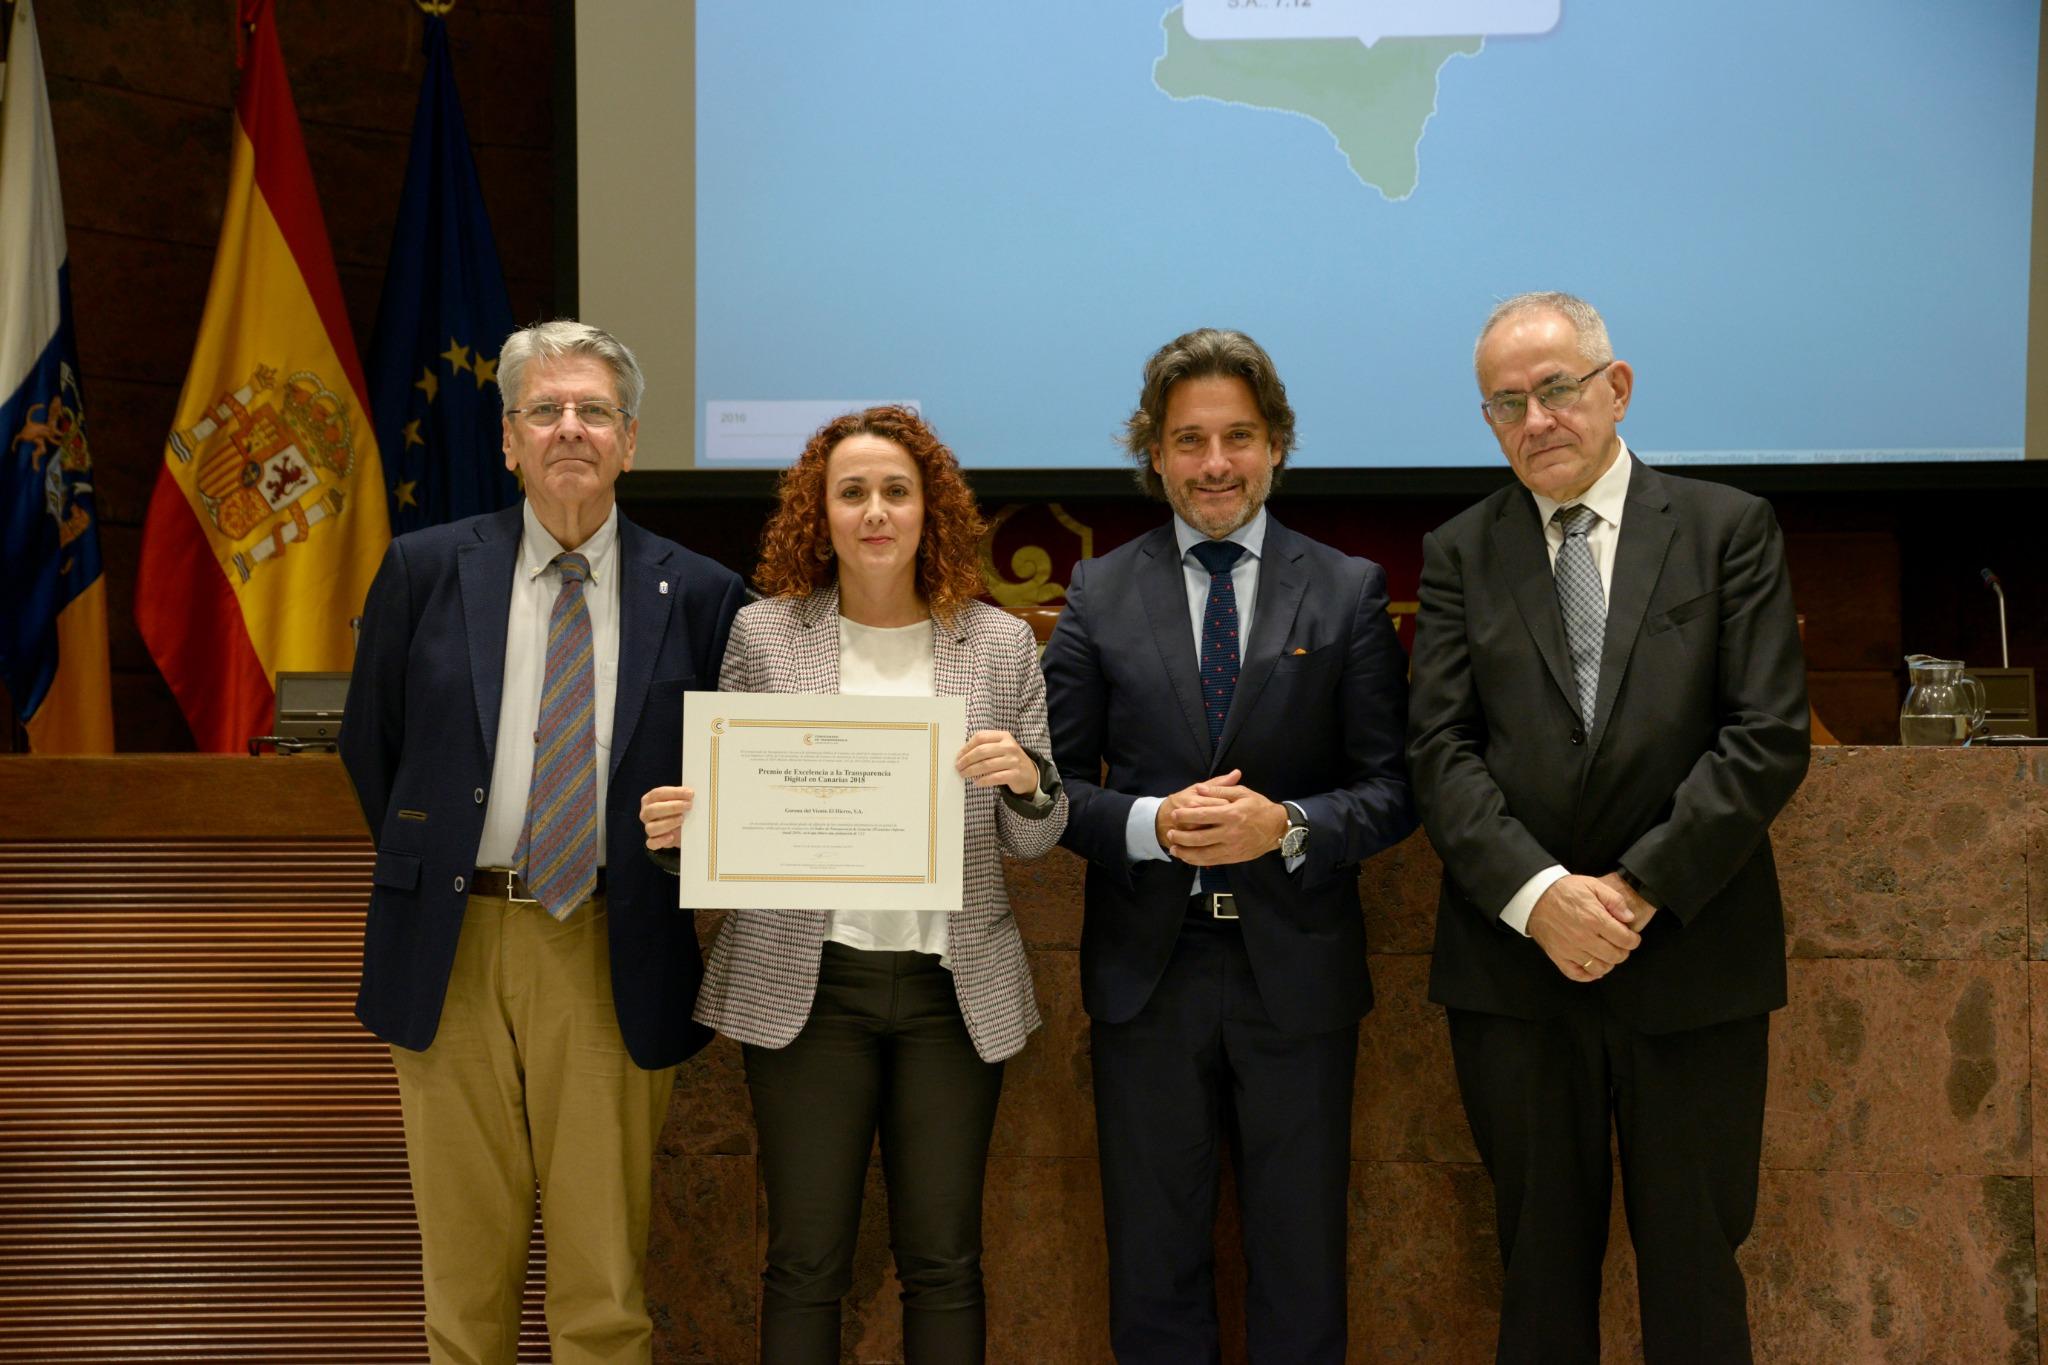 Gorona del Viento, Premio de Excelencia a la Transparencia Digital de Canarias